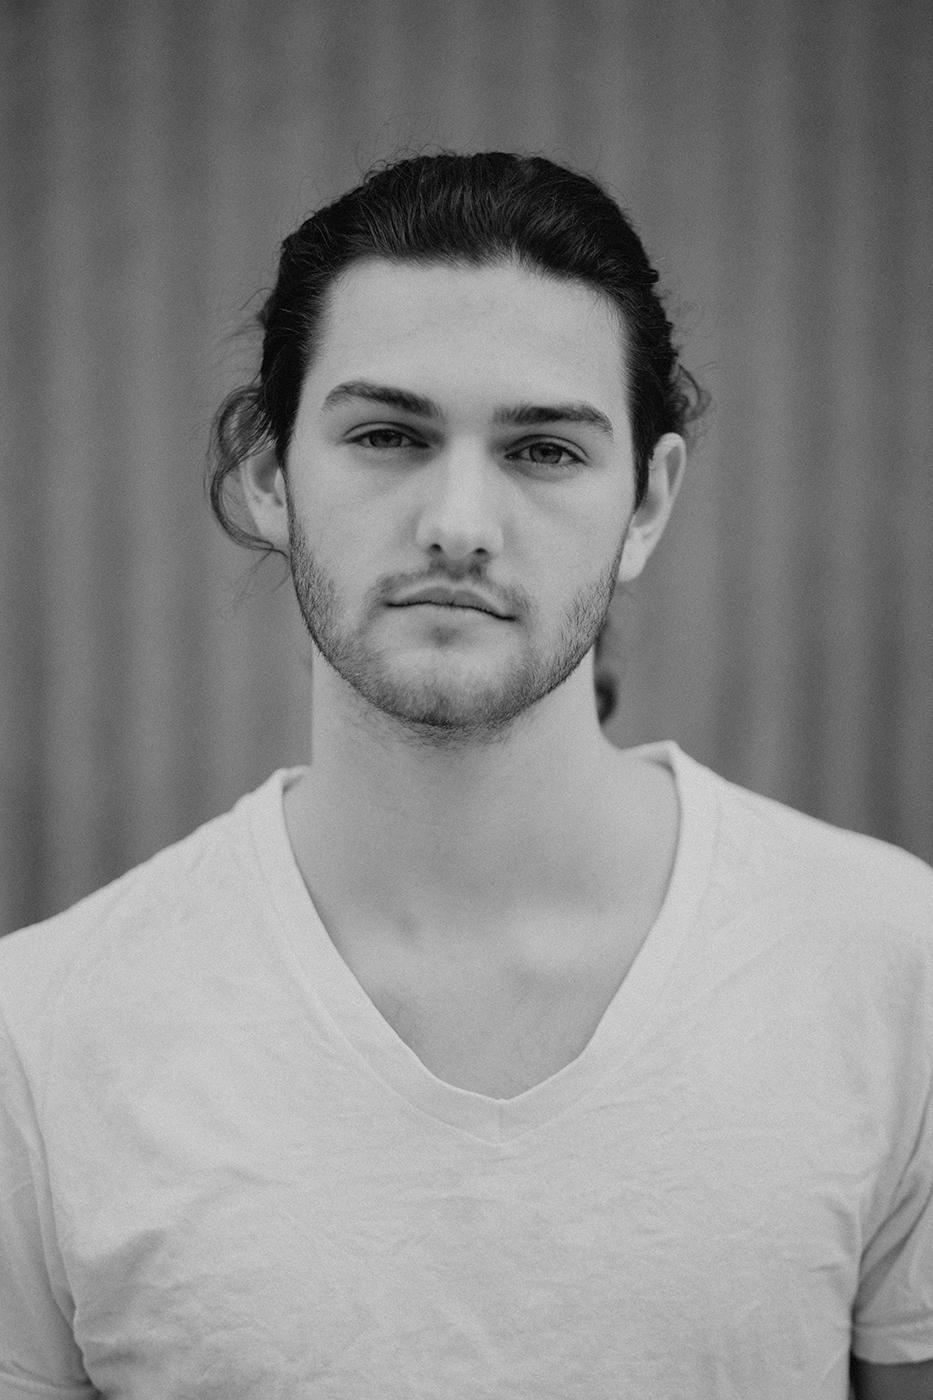 male-actor-headshot-vermont-2.jpg